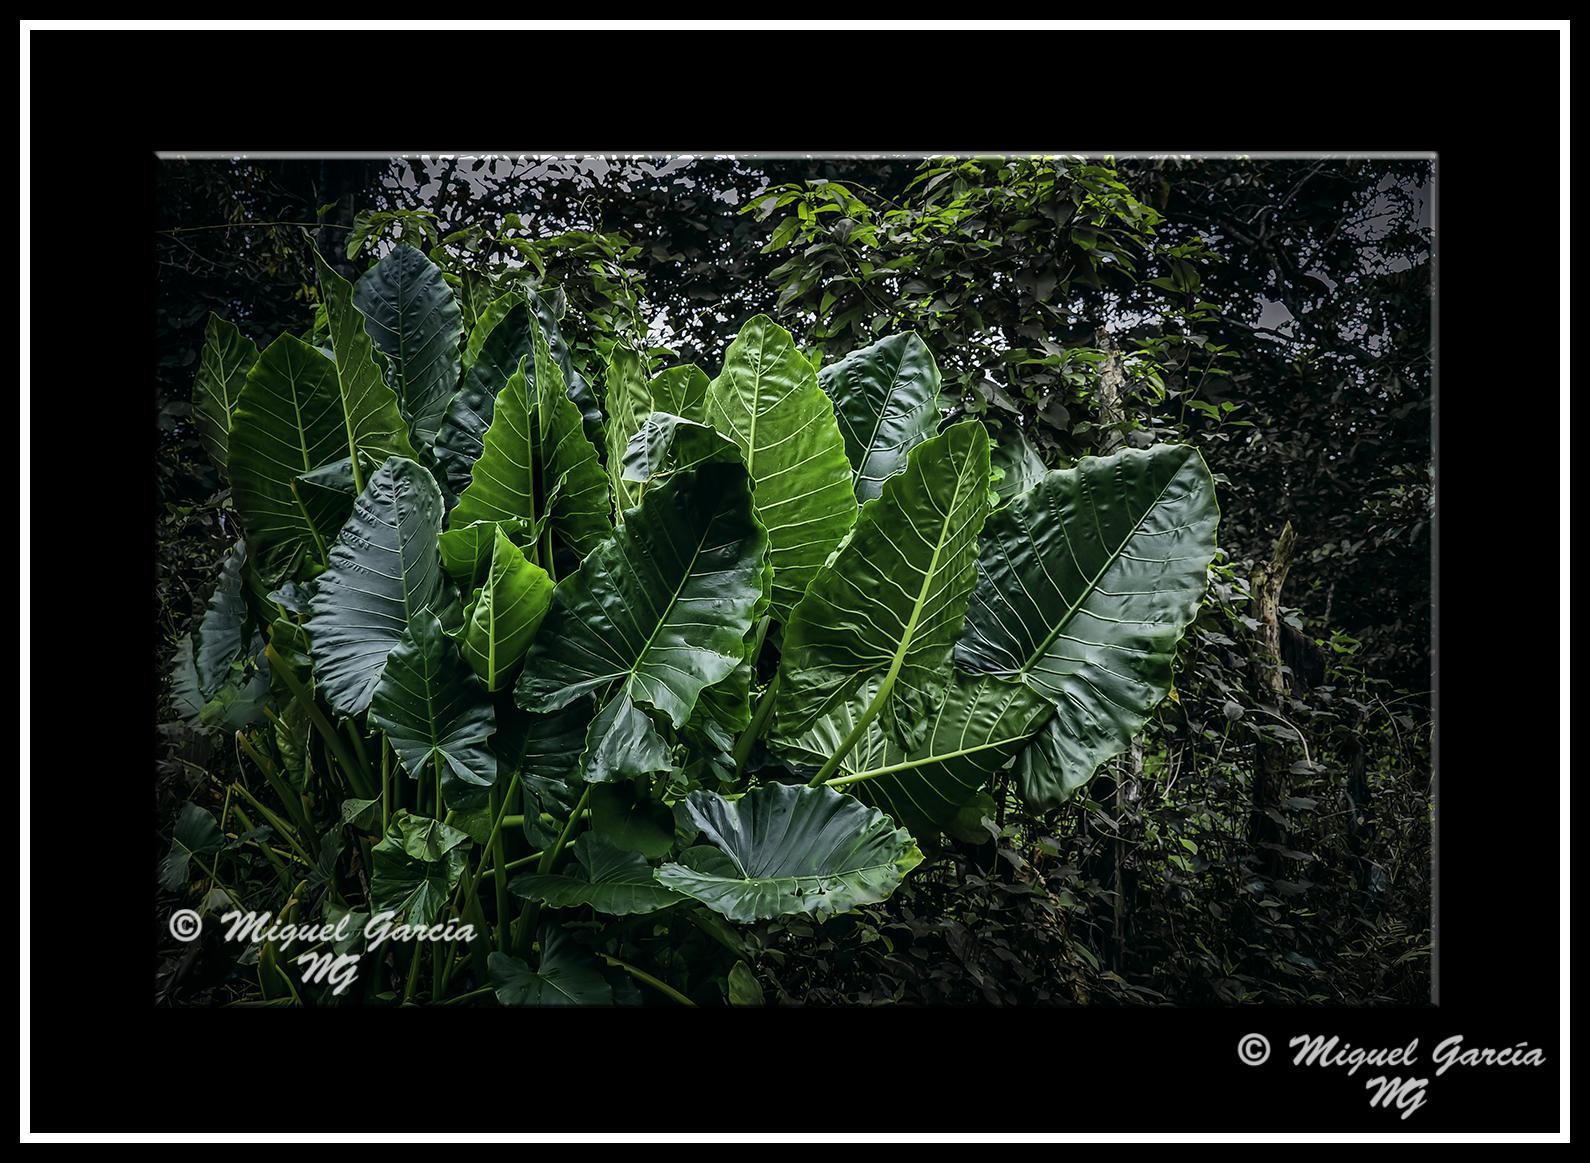 Amazon a peruana algunas plantas iii y final el ojo for Planta ornamental oreja de elefante